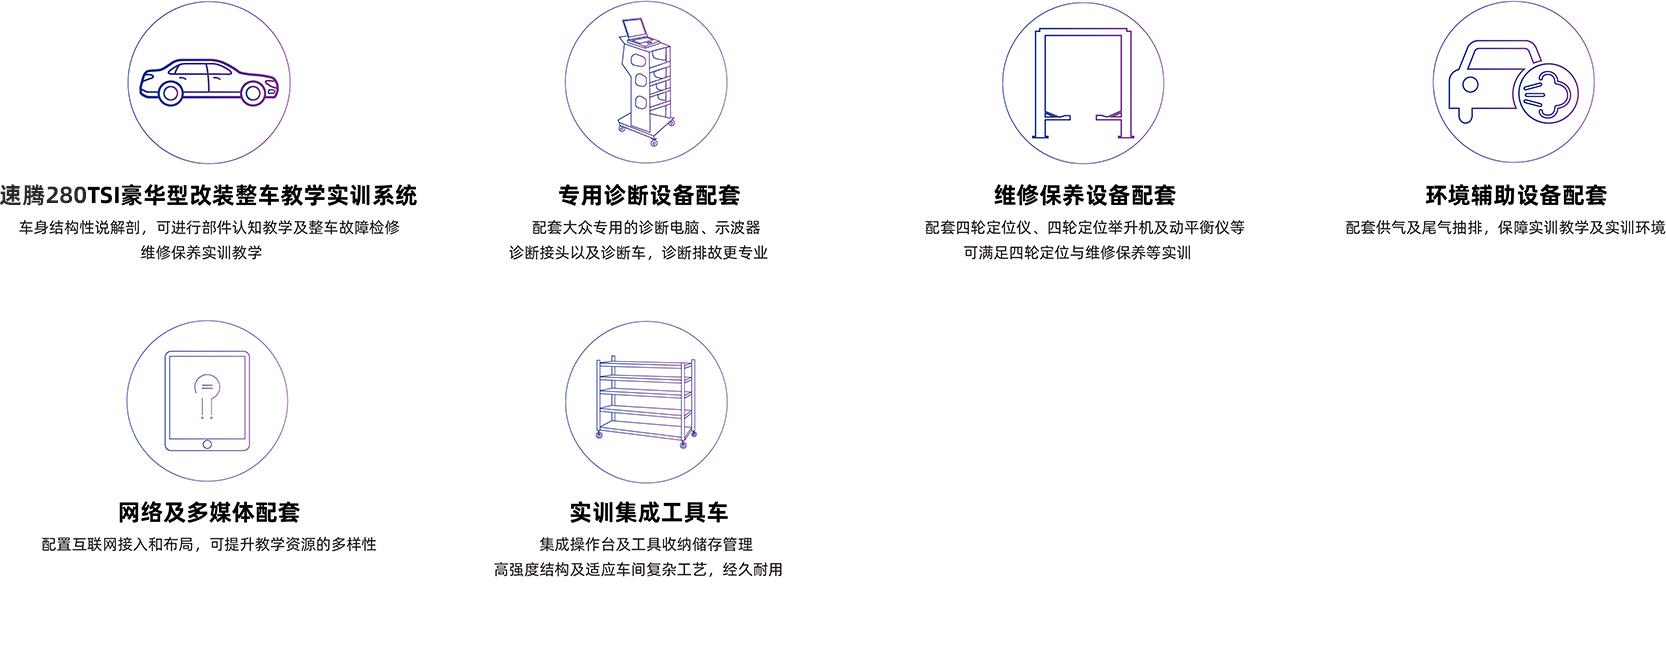 速腾280TSI豪华型改装整车教学竞博JBO系统